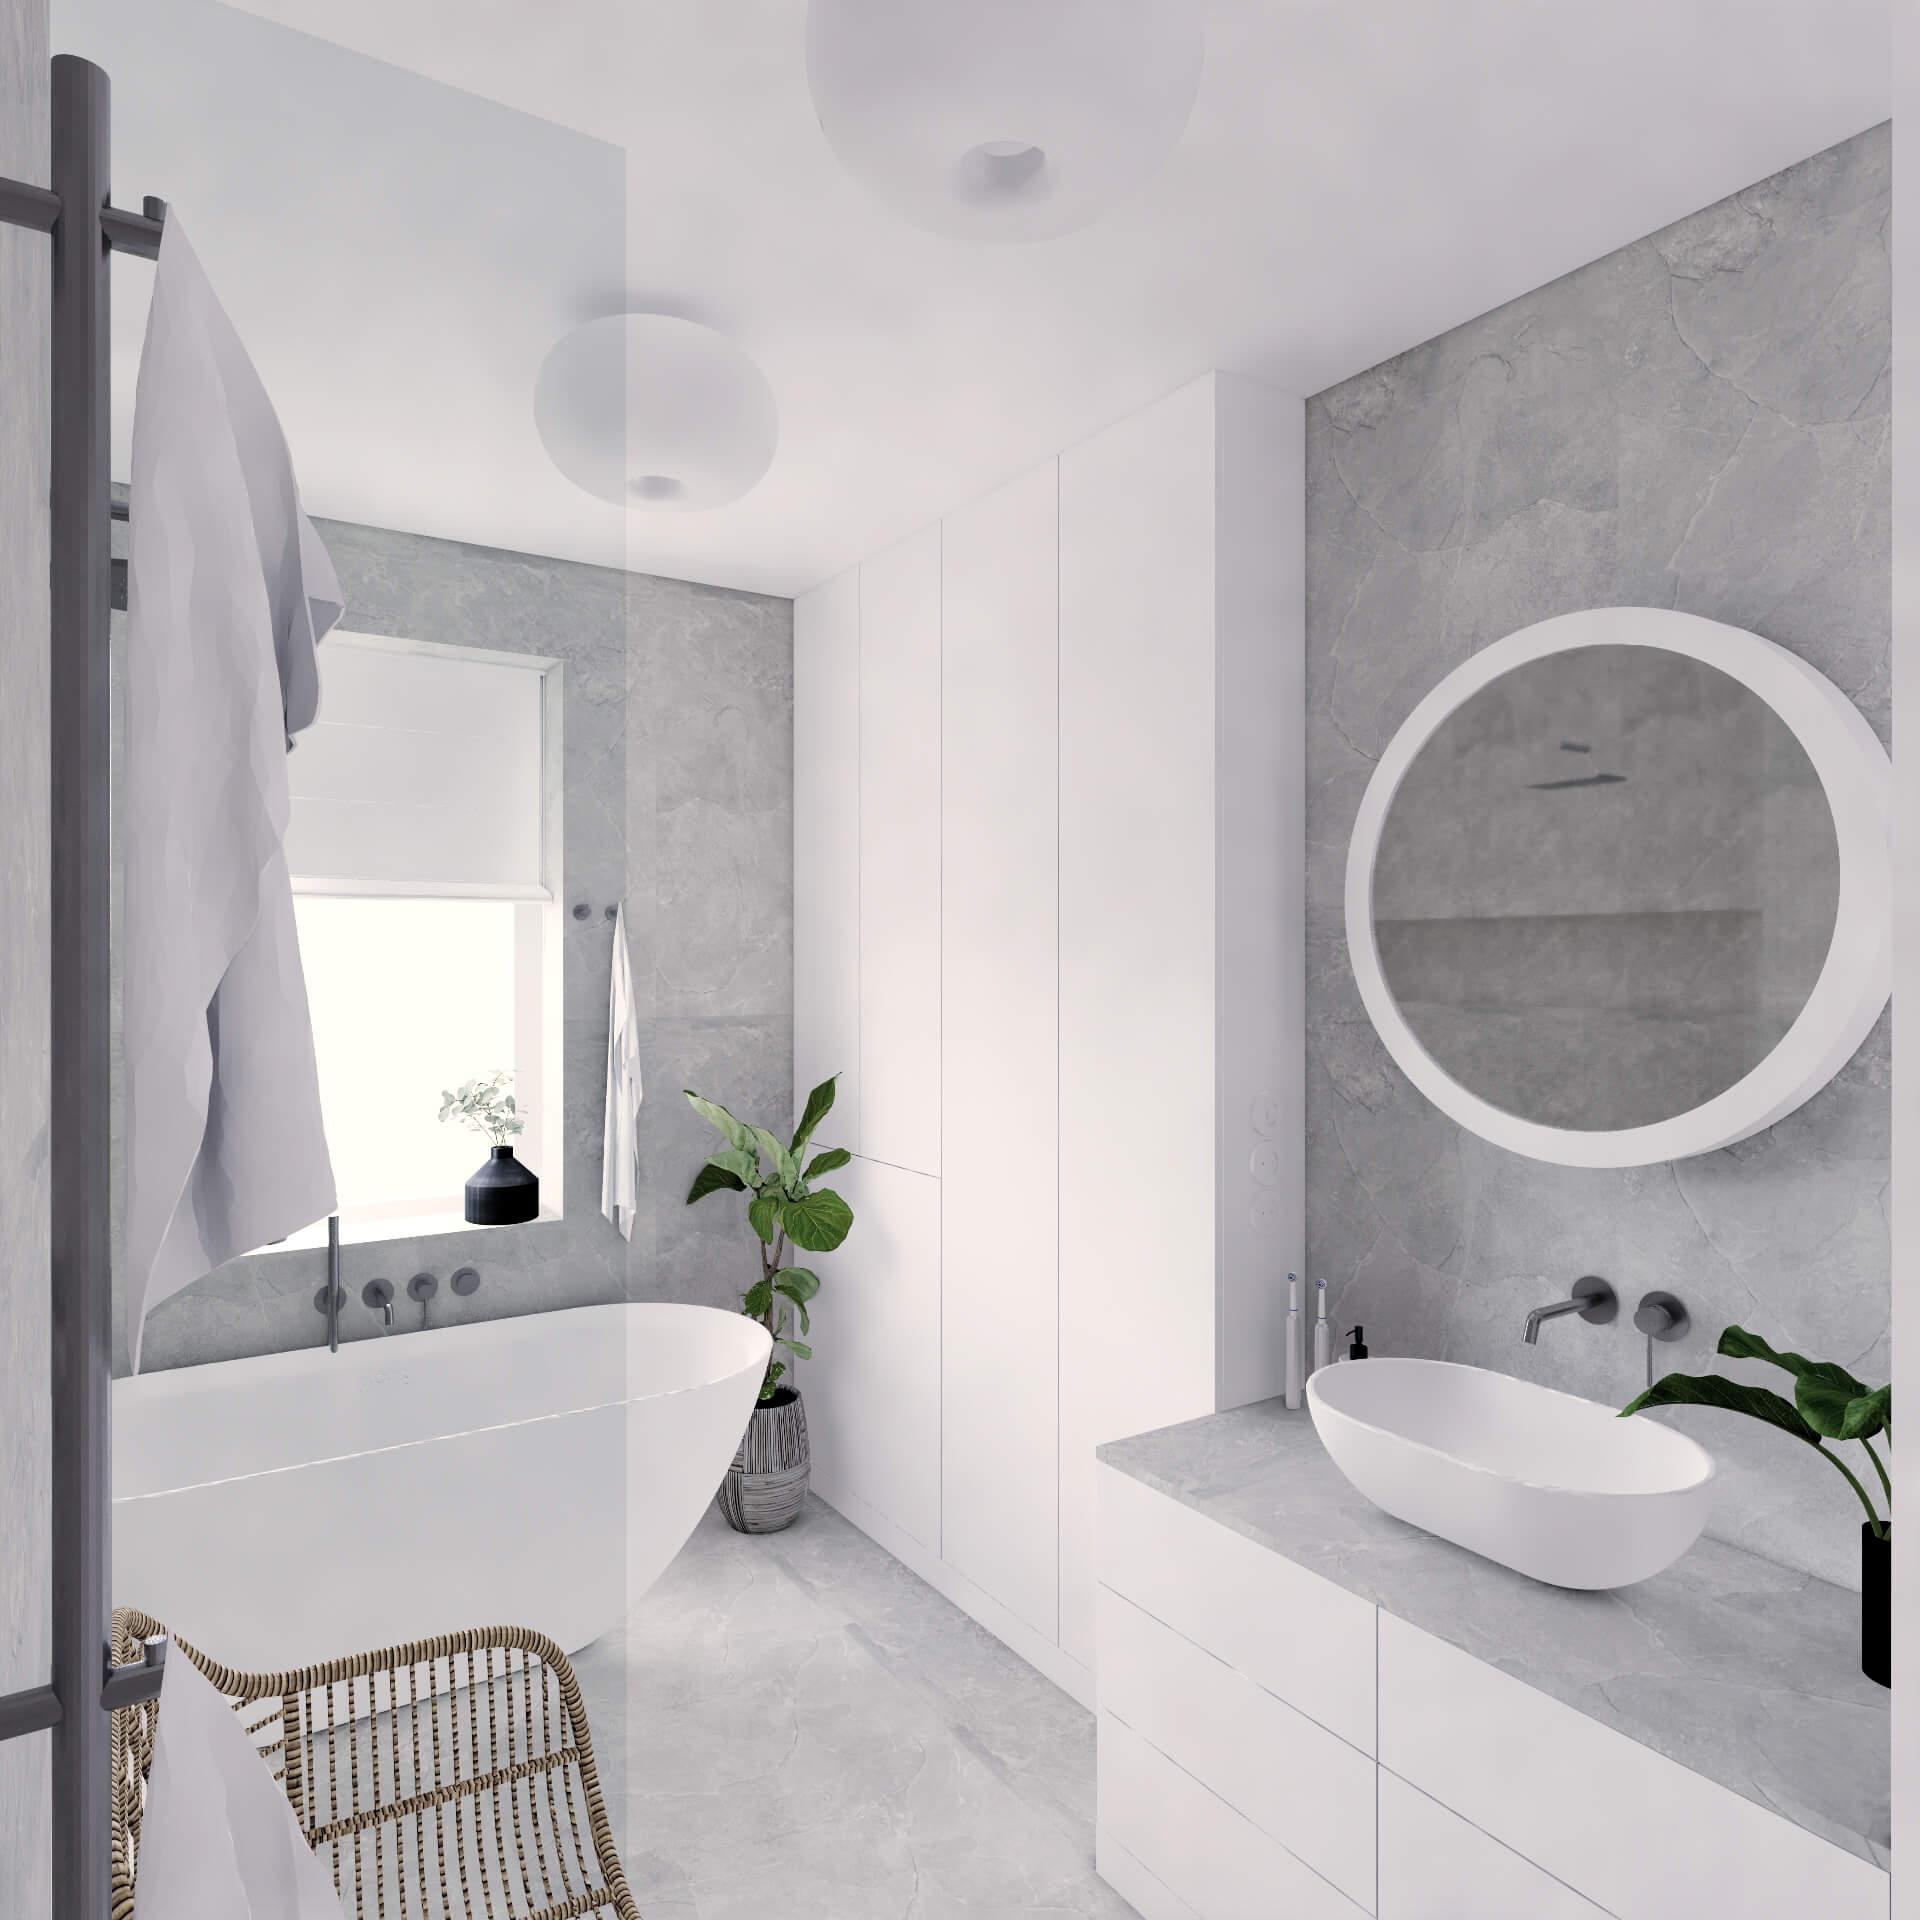 Projekt wnętrza mieszkania wraz z nadzorem nad realizacją. Łazienka w mieszkaniu 71 m2. Założeniem projektu jest prosta, spokojna przestrzeń w stonowanych kolorach. Ponad połowę łazienki wypełniają wygodna, duża wanna i obszerny prysznic typu walk-in. Mimo to jest tu dużo miejsca do przechowywania. Łazienka jest bardzo minimalistyczna – mamy tu tylko trzy kolory: biel mebli, szarość strukturalnych płytek i chrom na armaturze. Rattanowy fotel i zieleń w różnych zakątkach ocieplają wnętrze.